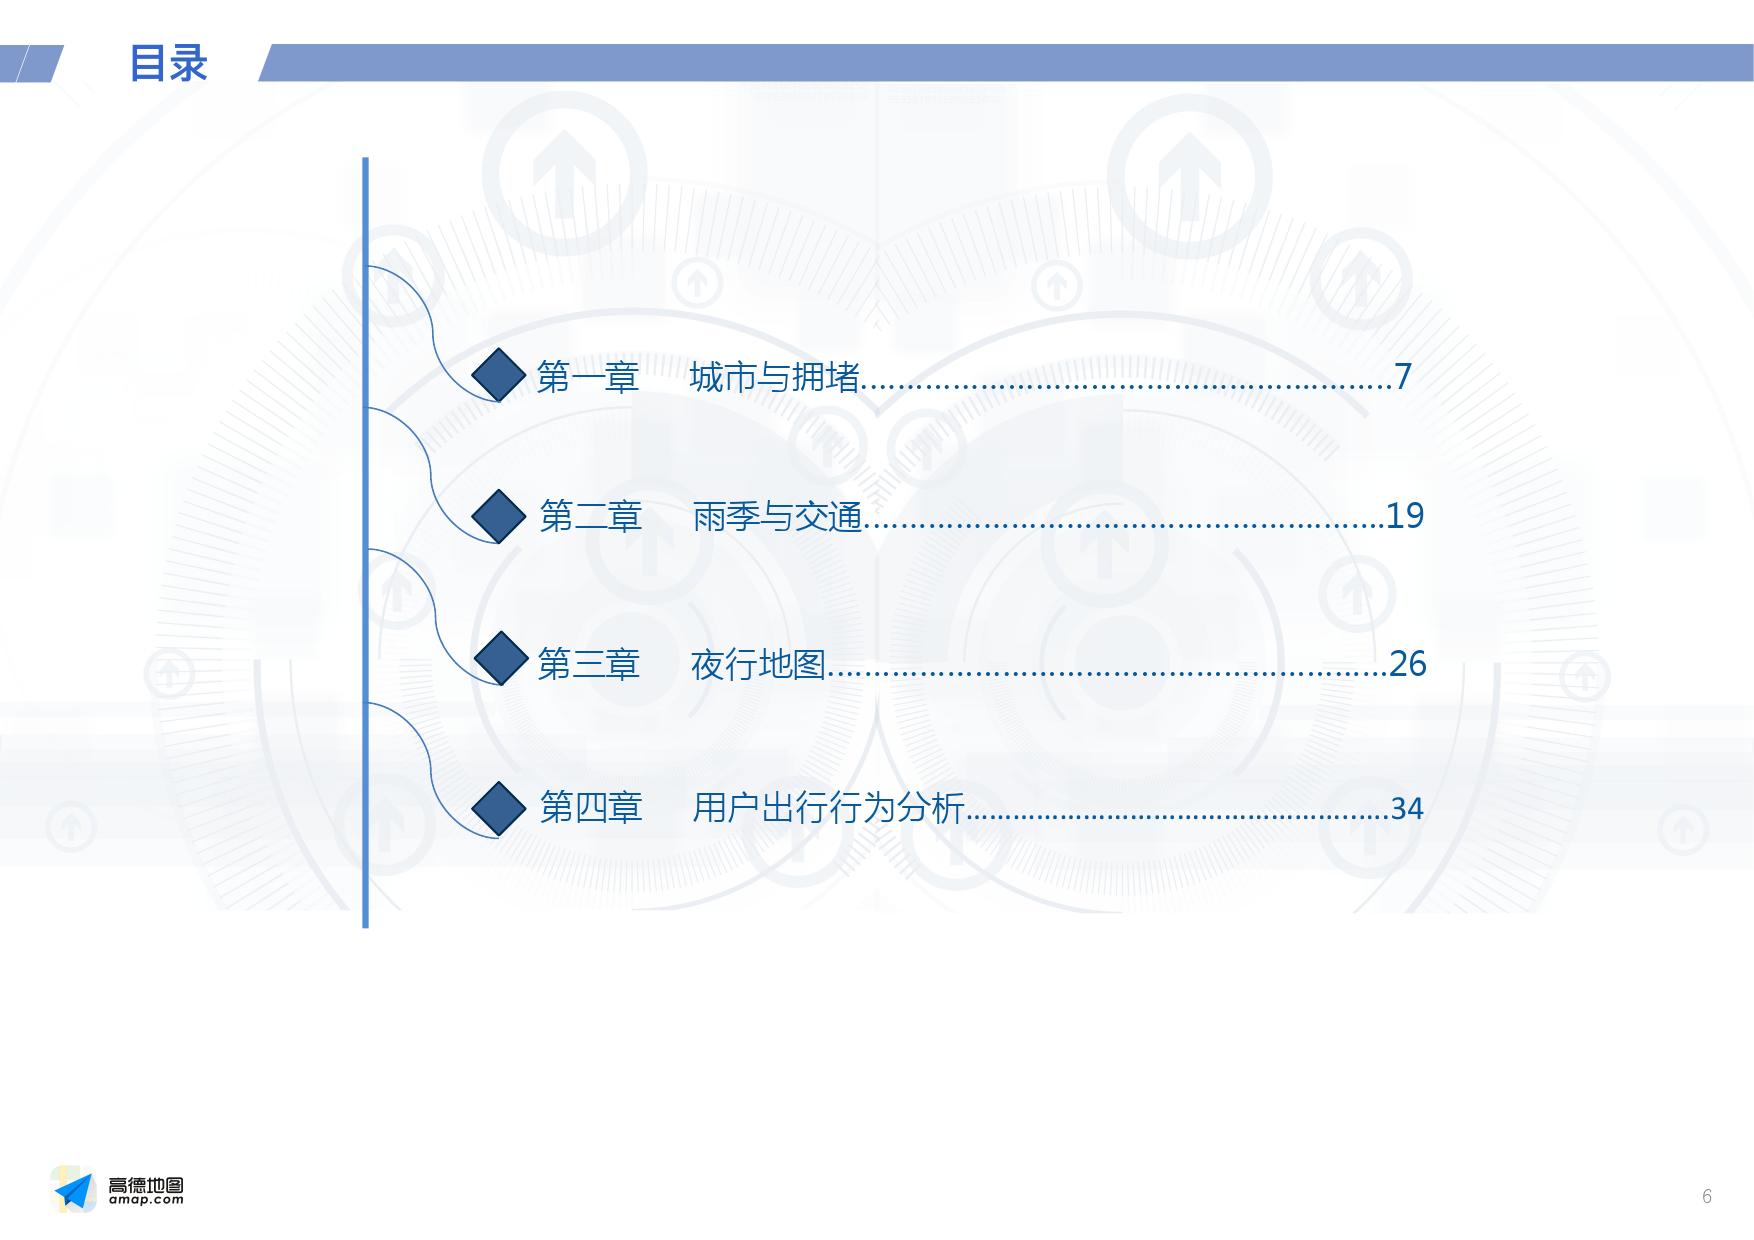 2016年Q2中国主要城市交通分析报告_000006